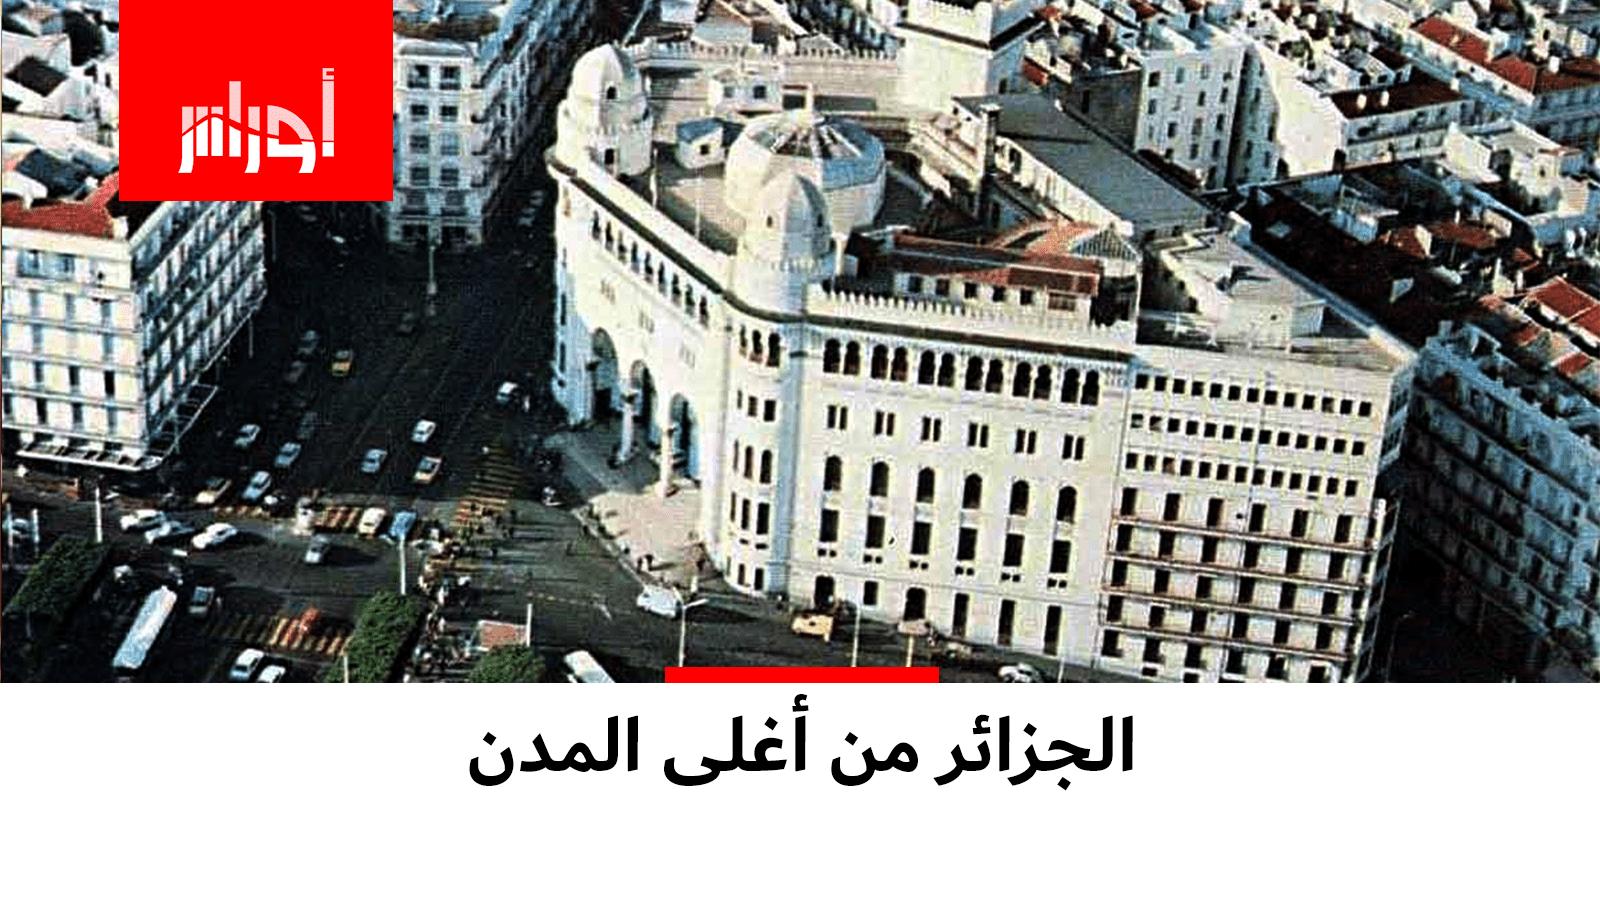 الجزائر من أغلى المدن